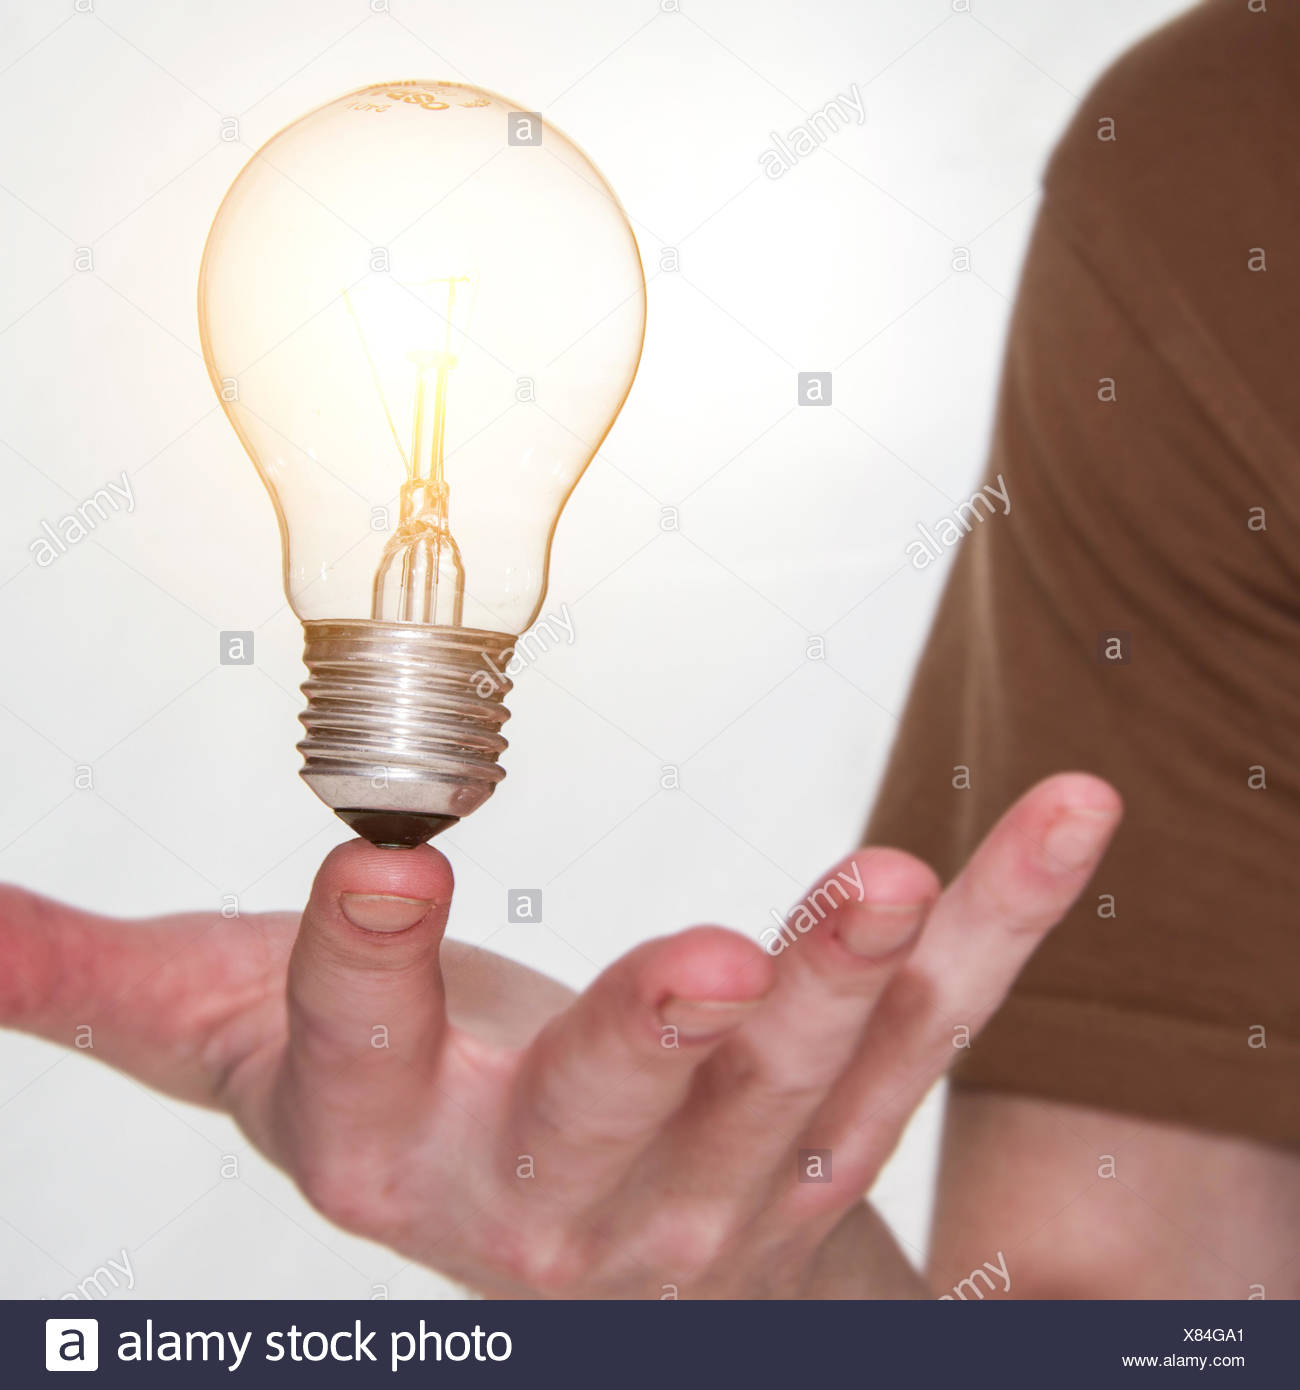 Mann hält eine Glühbirne am finger Stockbild